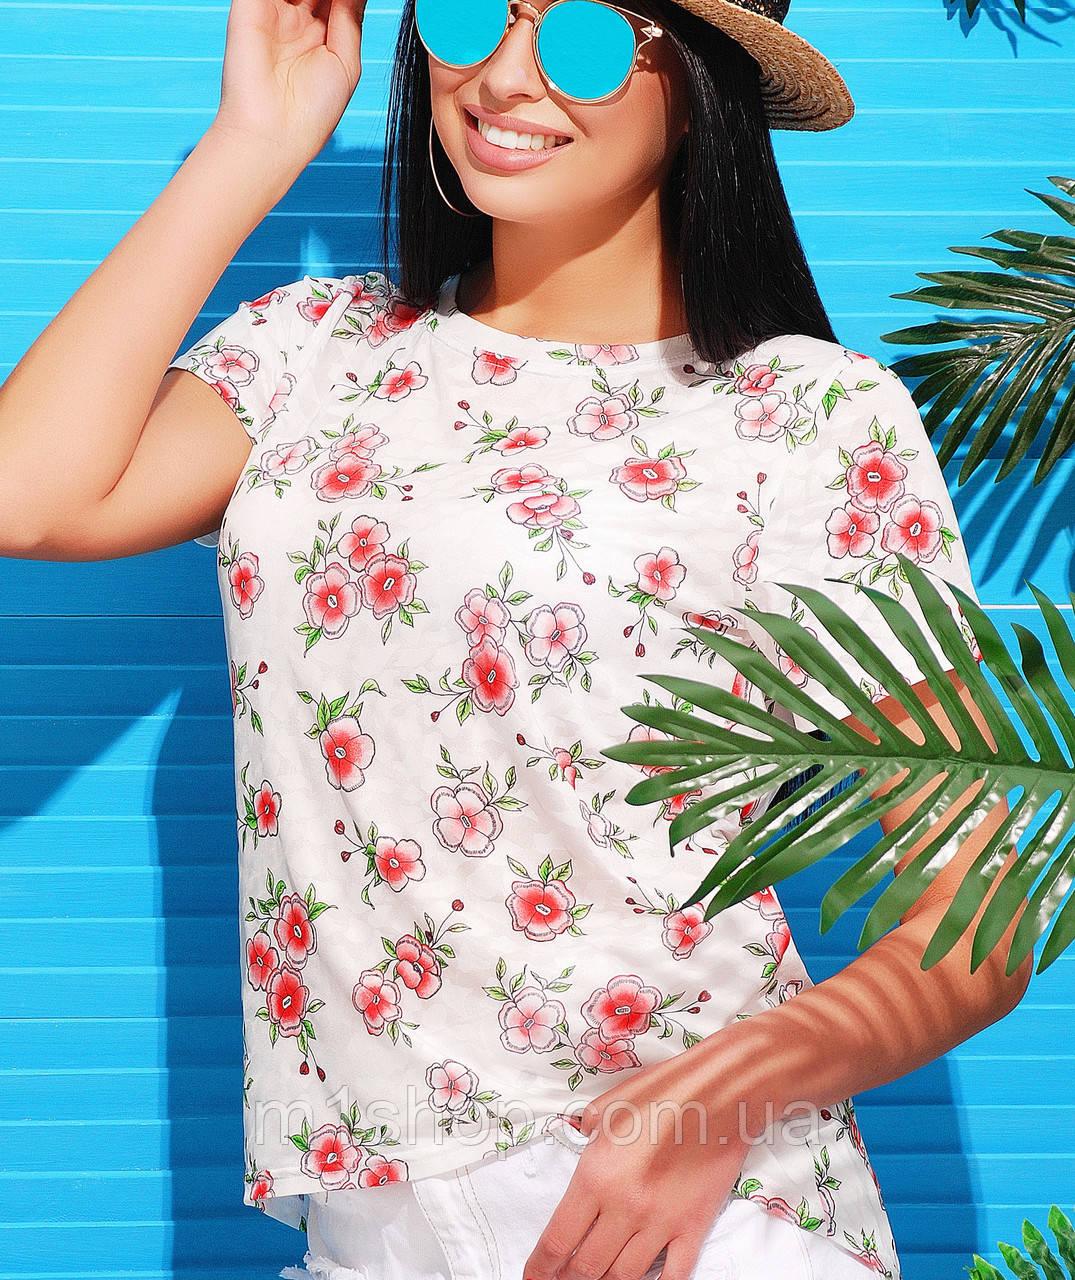 Красочная женская футболка (1728 mrs)